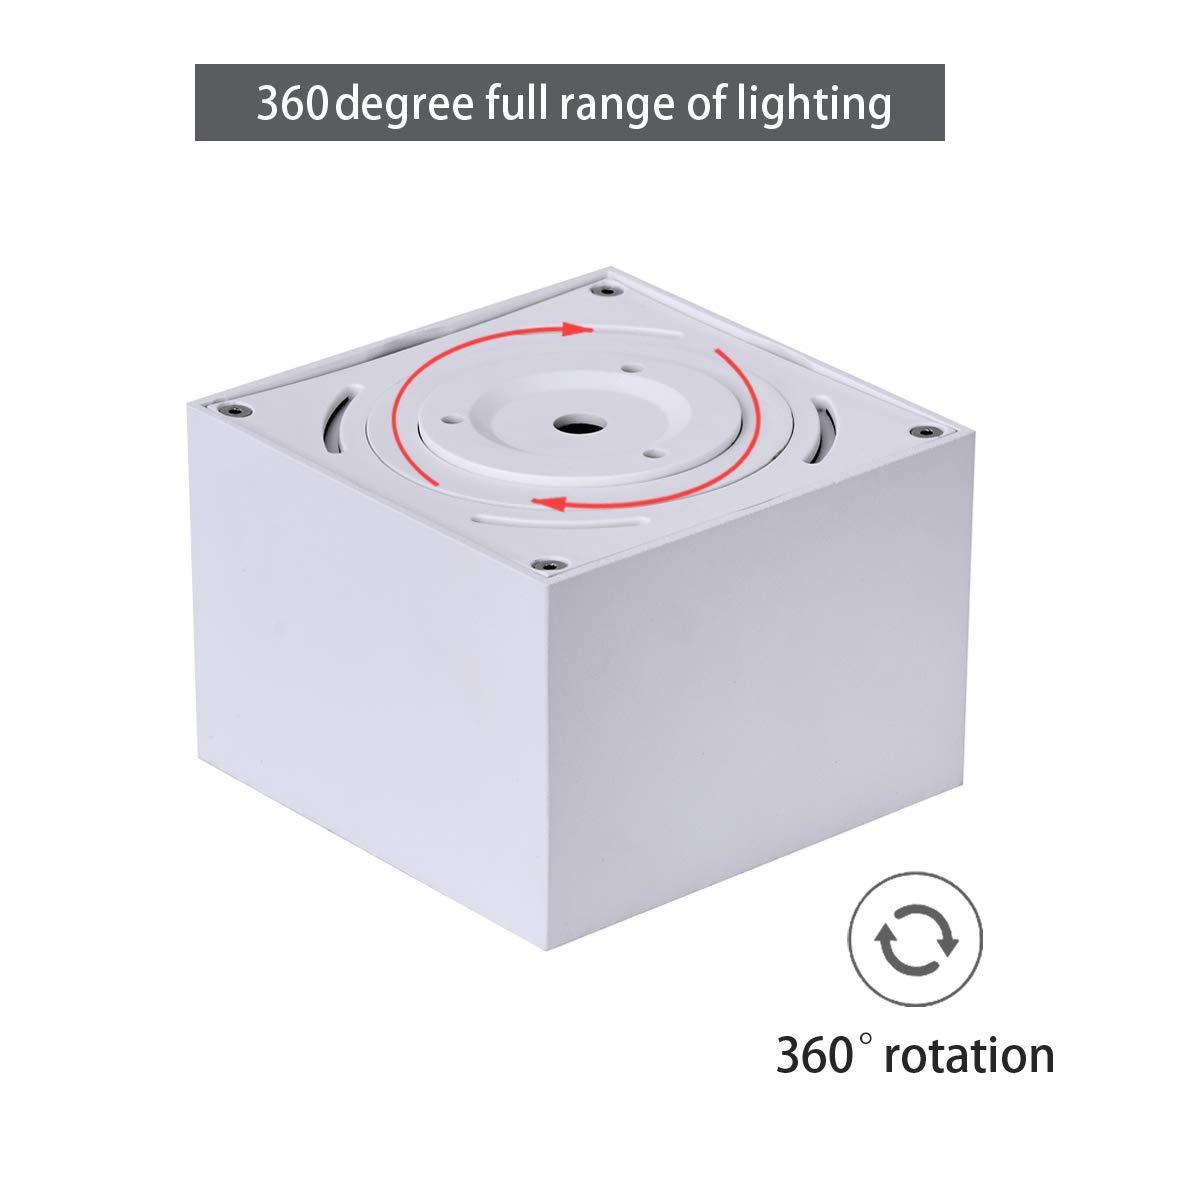 Focos de techo,L/ámpara de sal/ón,Luz de techo led,Plaf/ón con Focos Blanco-3000K Dr.lazy 10W LED Focos para el techo,L/ámpara de techo IP20 10X10x7CM